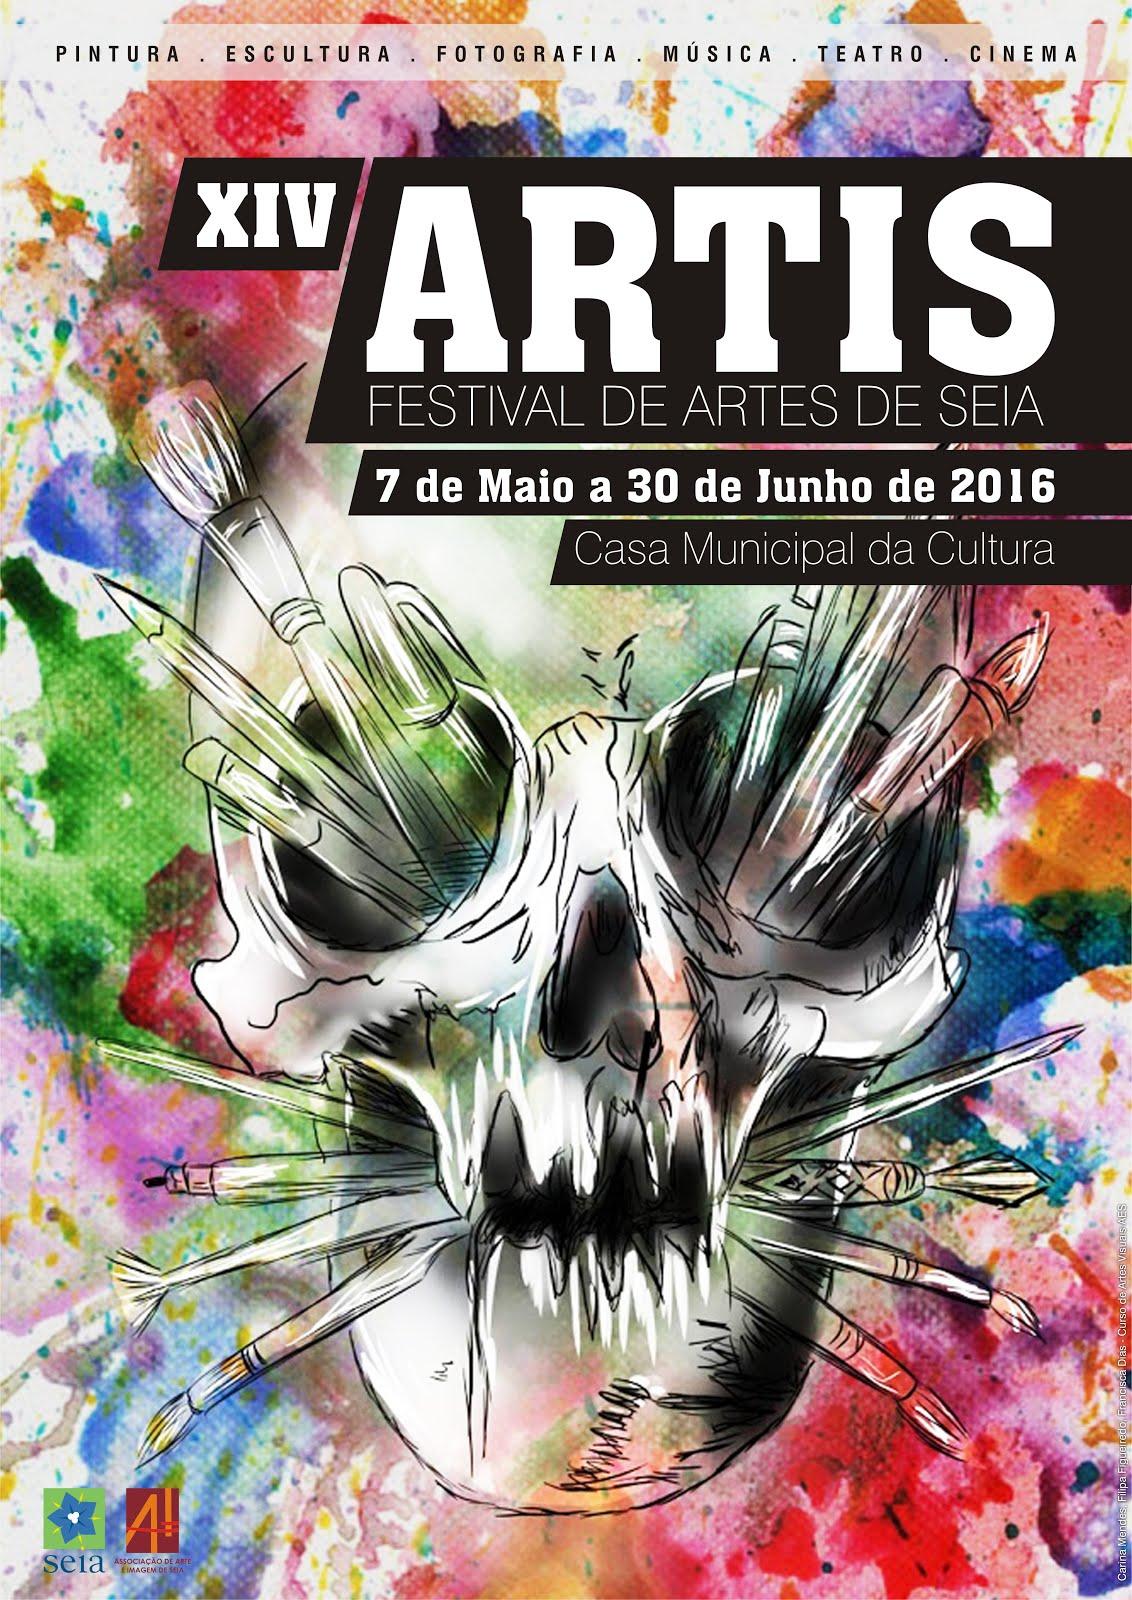 ARTIS 2016